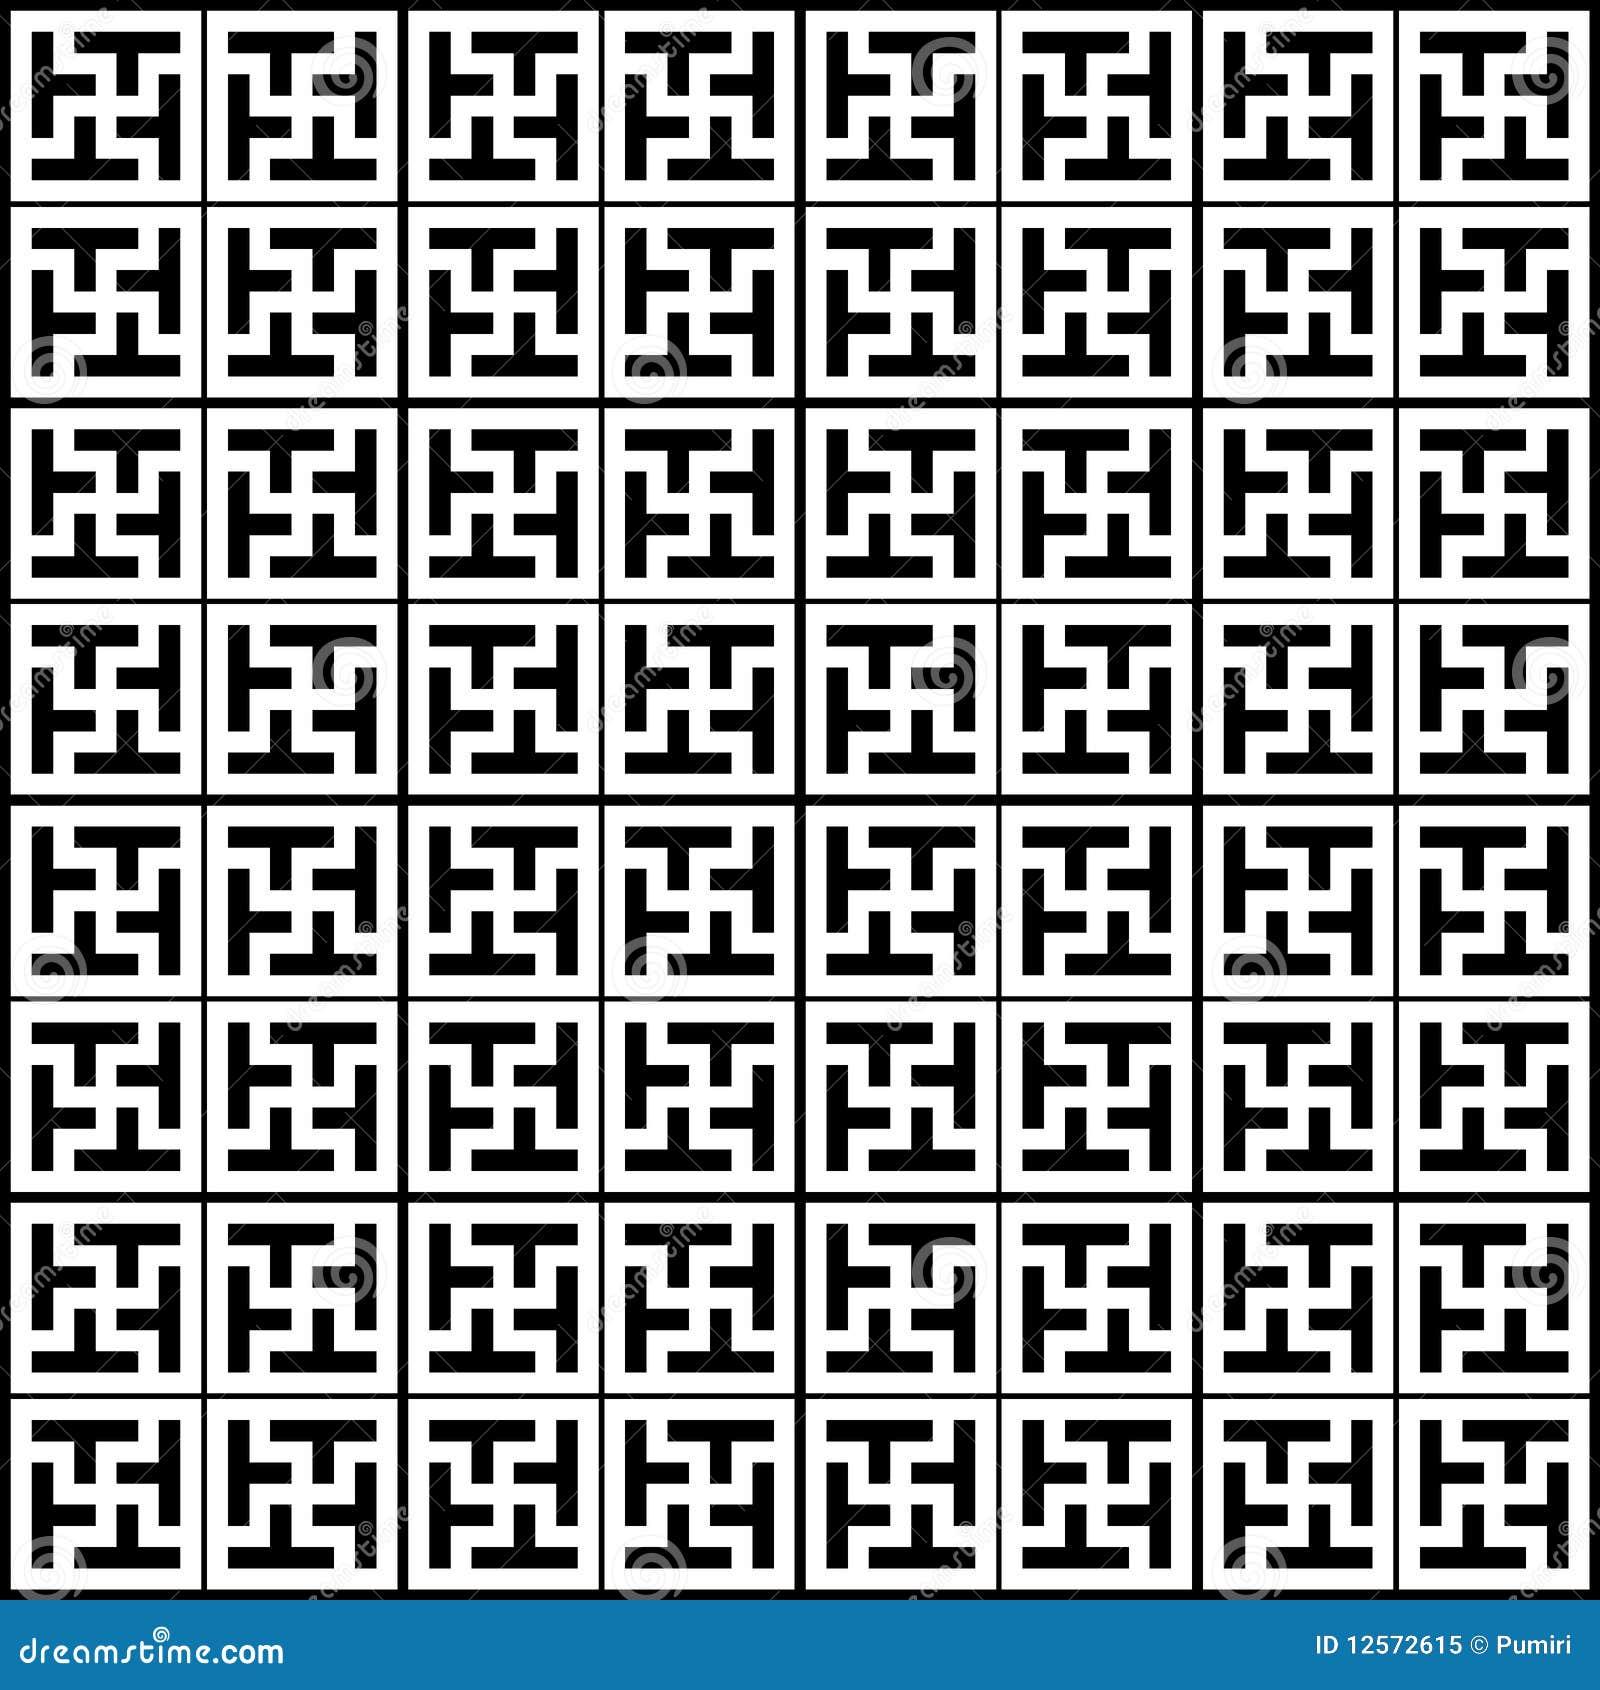 ... Geometric Patterns , Chinese Patterns , Chinese Fabric Patterns